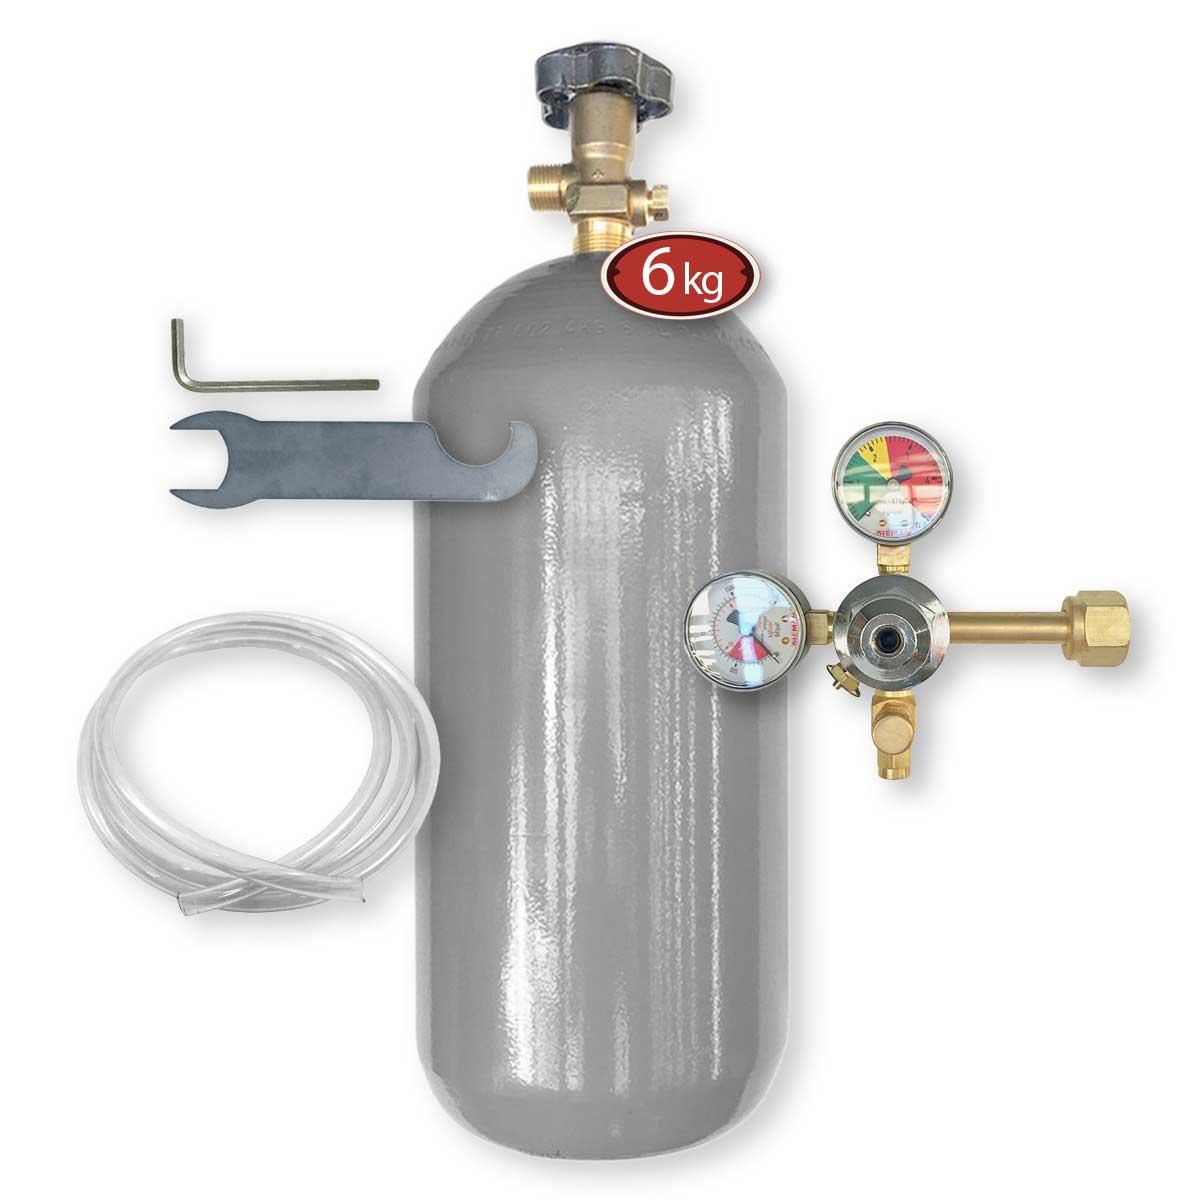 Kit Extração 1 Via + Cilindro Co2 6Kg Para Chopp Ou Cerveja Artesanal